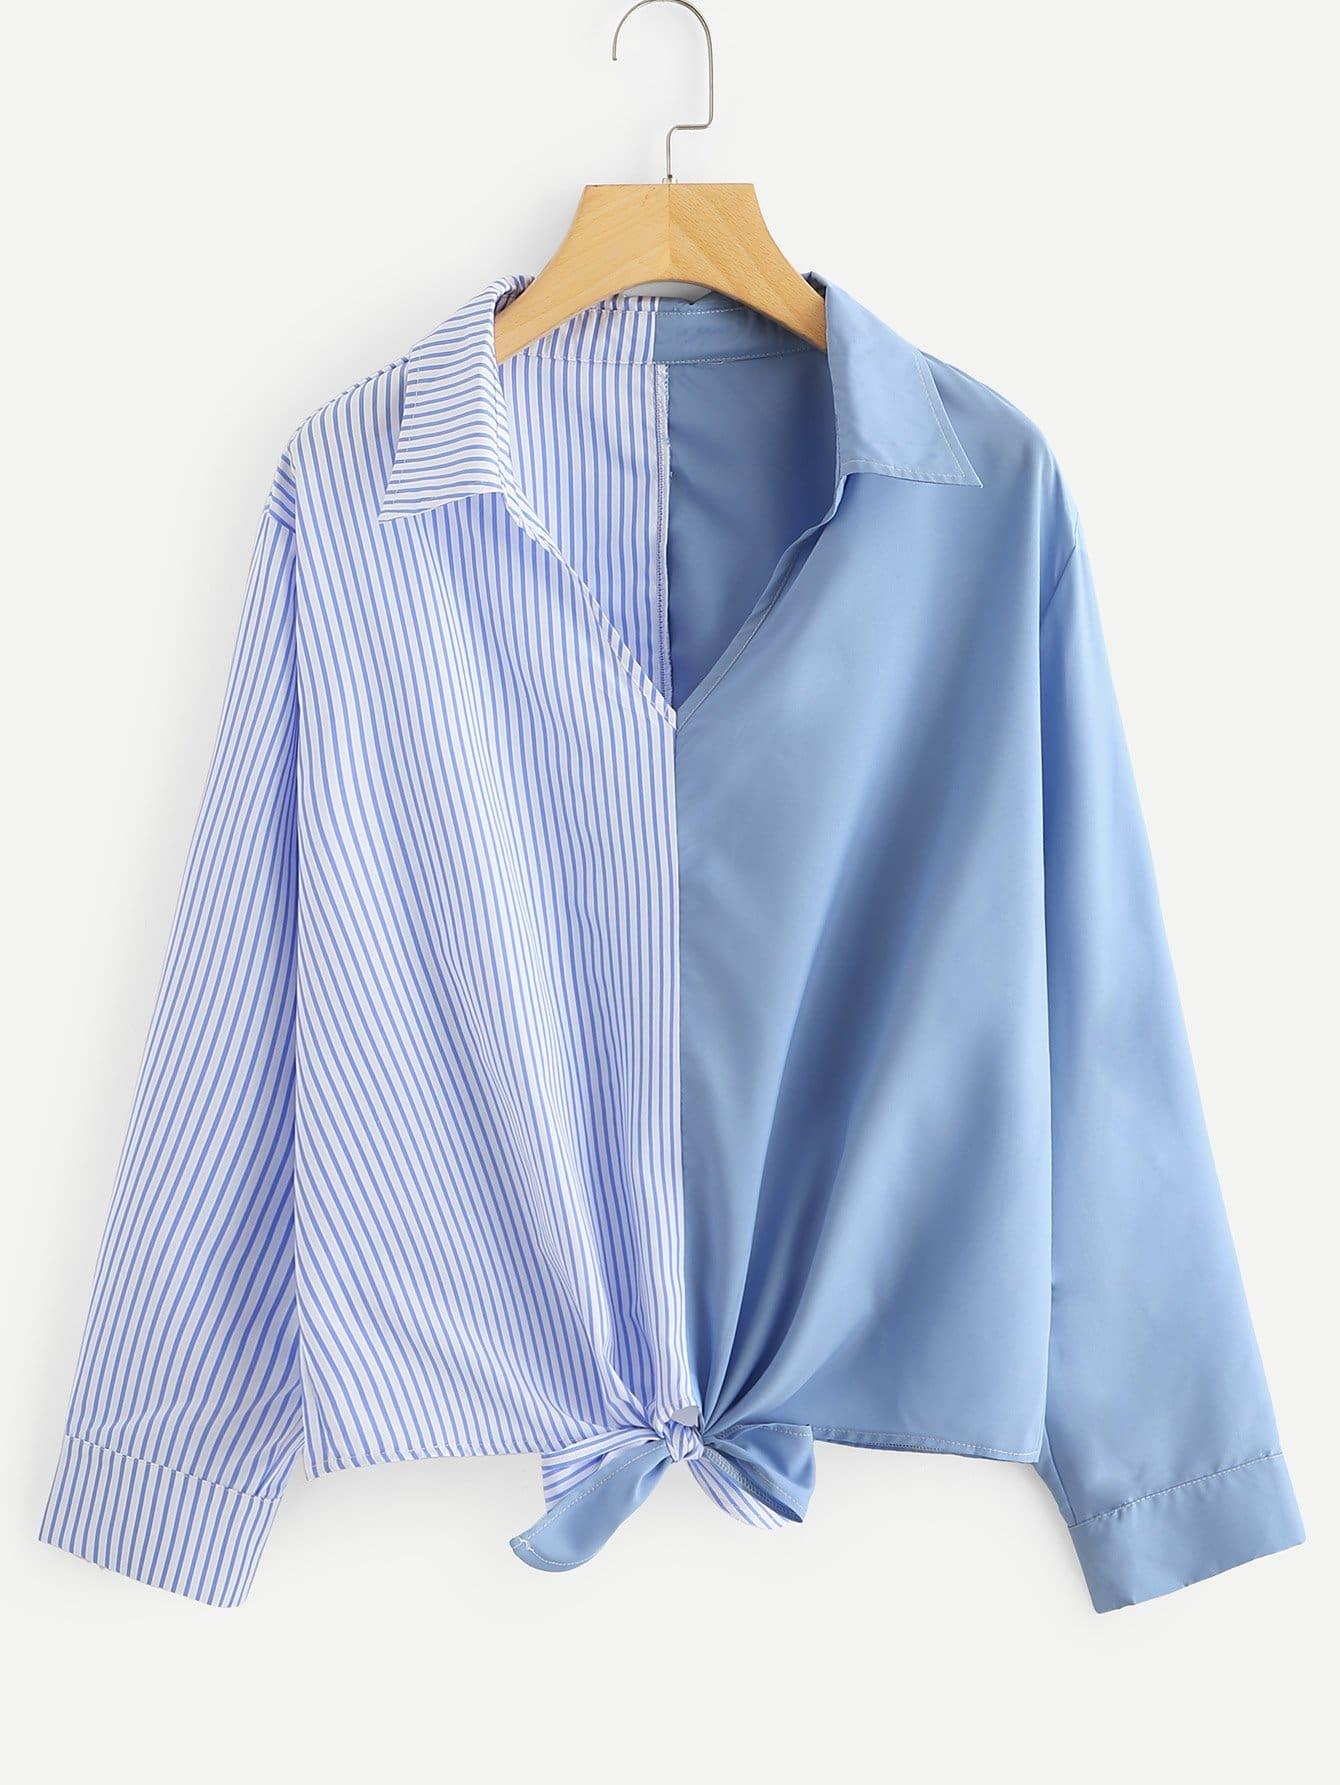 Купить Большая блуза с бантом и симметрическими полосами, null, SheIn